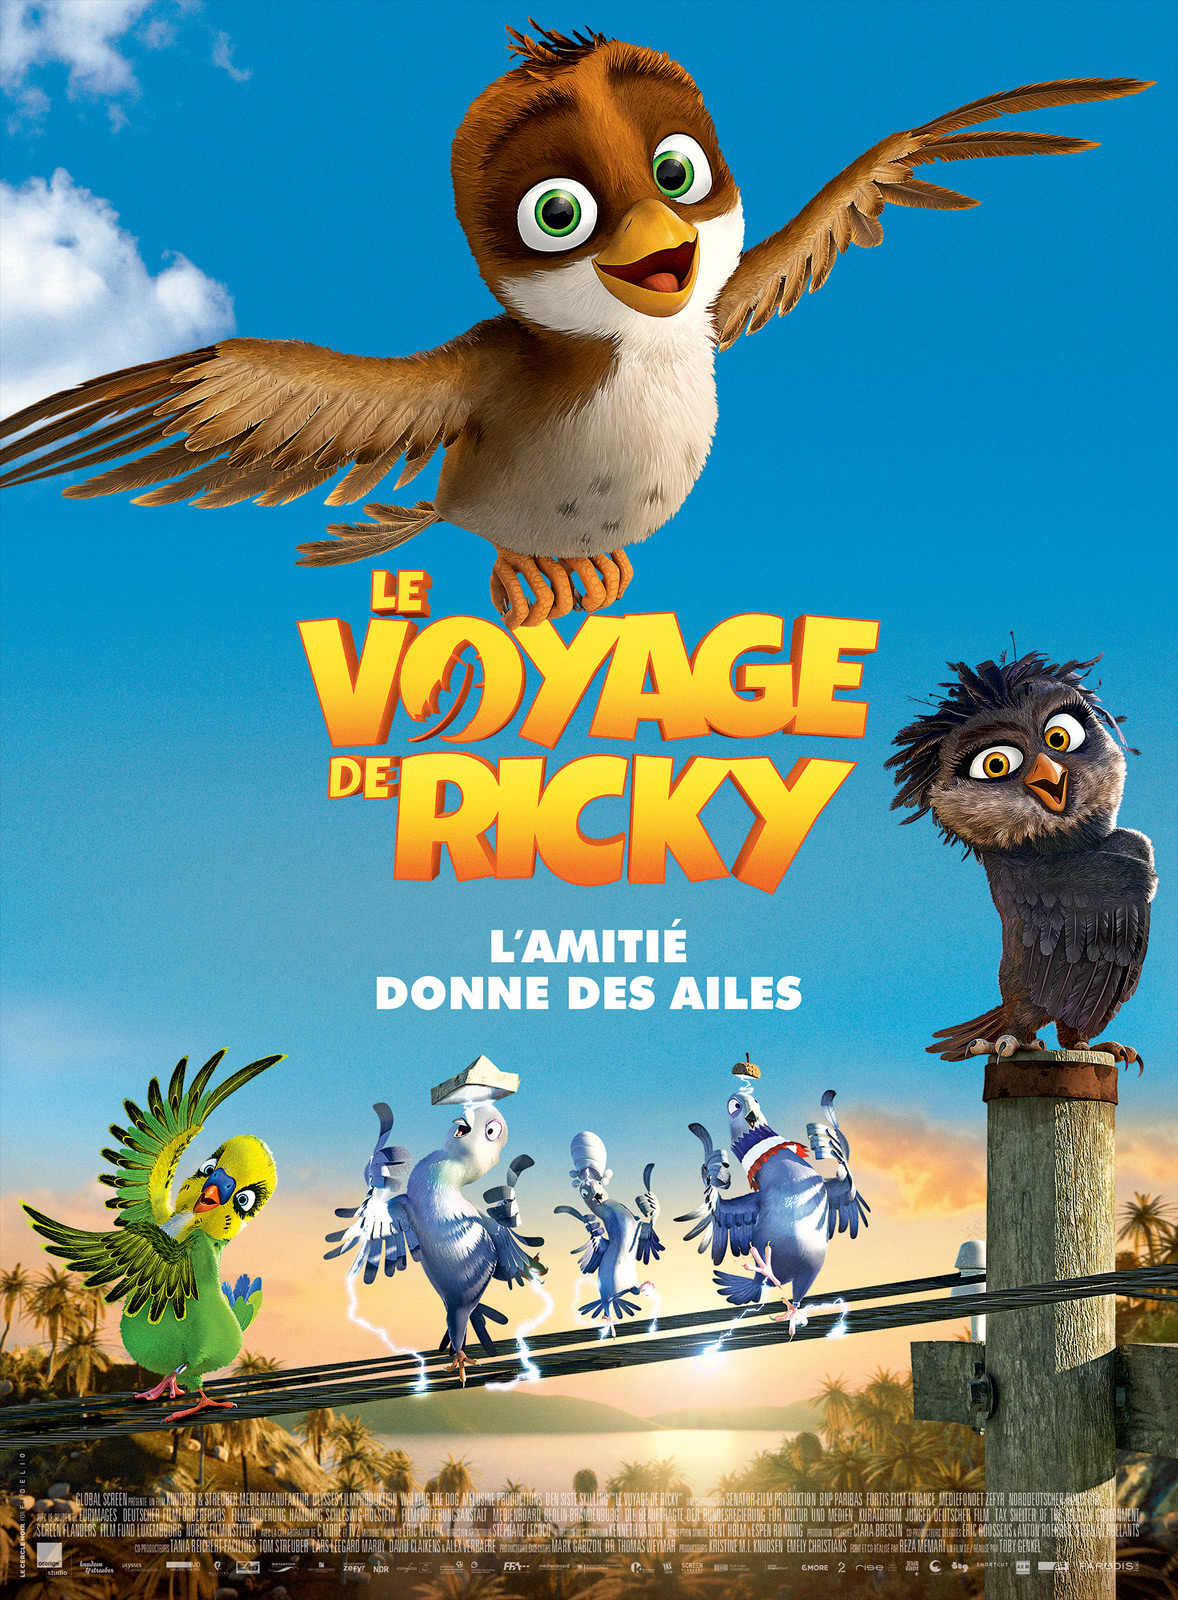 Télécharger Le Voyage de Ricky TUREFRENCH Gratuit